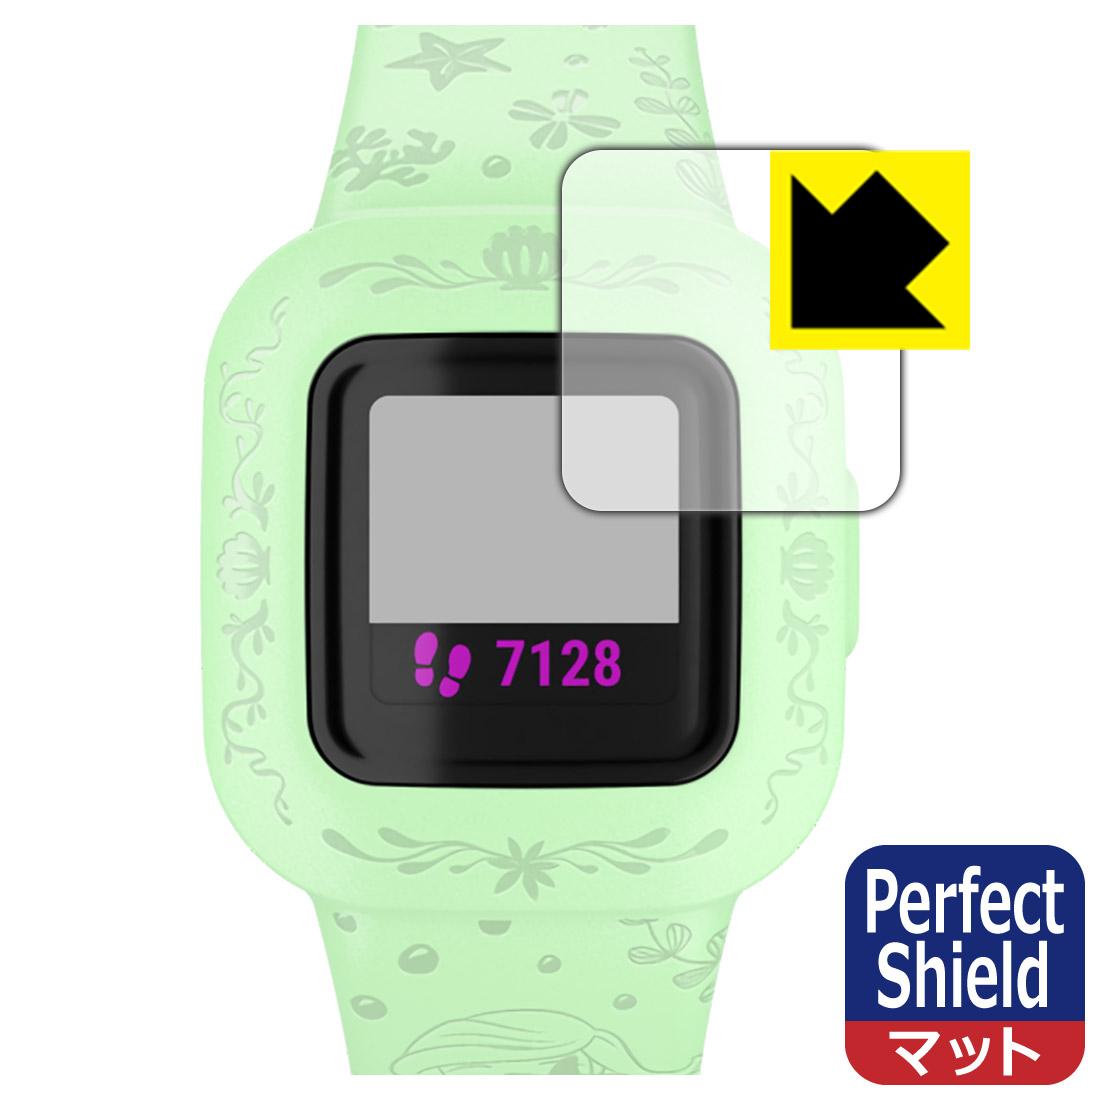 アンチグレアタイプ マーケット セール商品 非光沢 GARMIN vivofit jr.3 専用保護フィルム 3枚セット smtb-kd Shield 保護シート Perfect